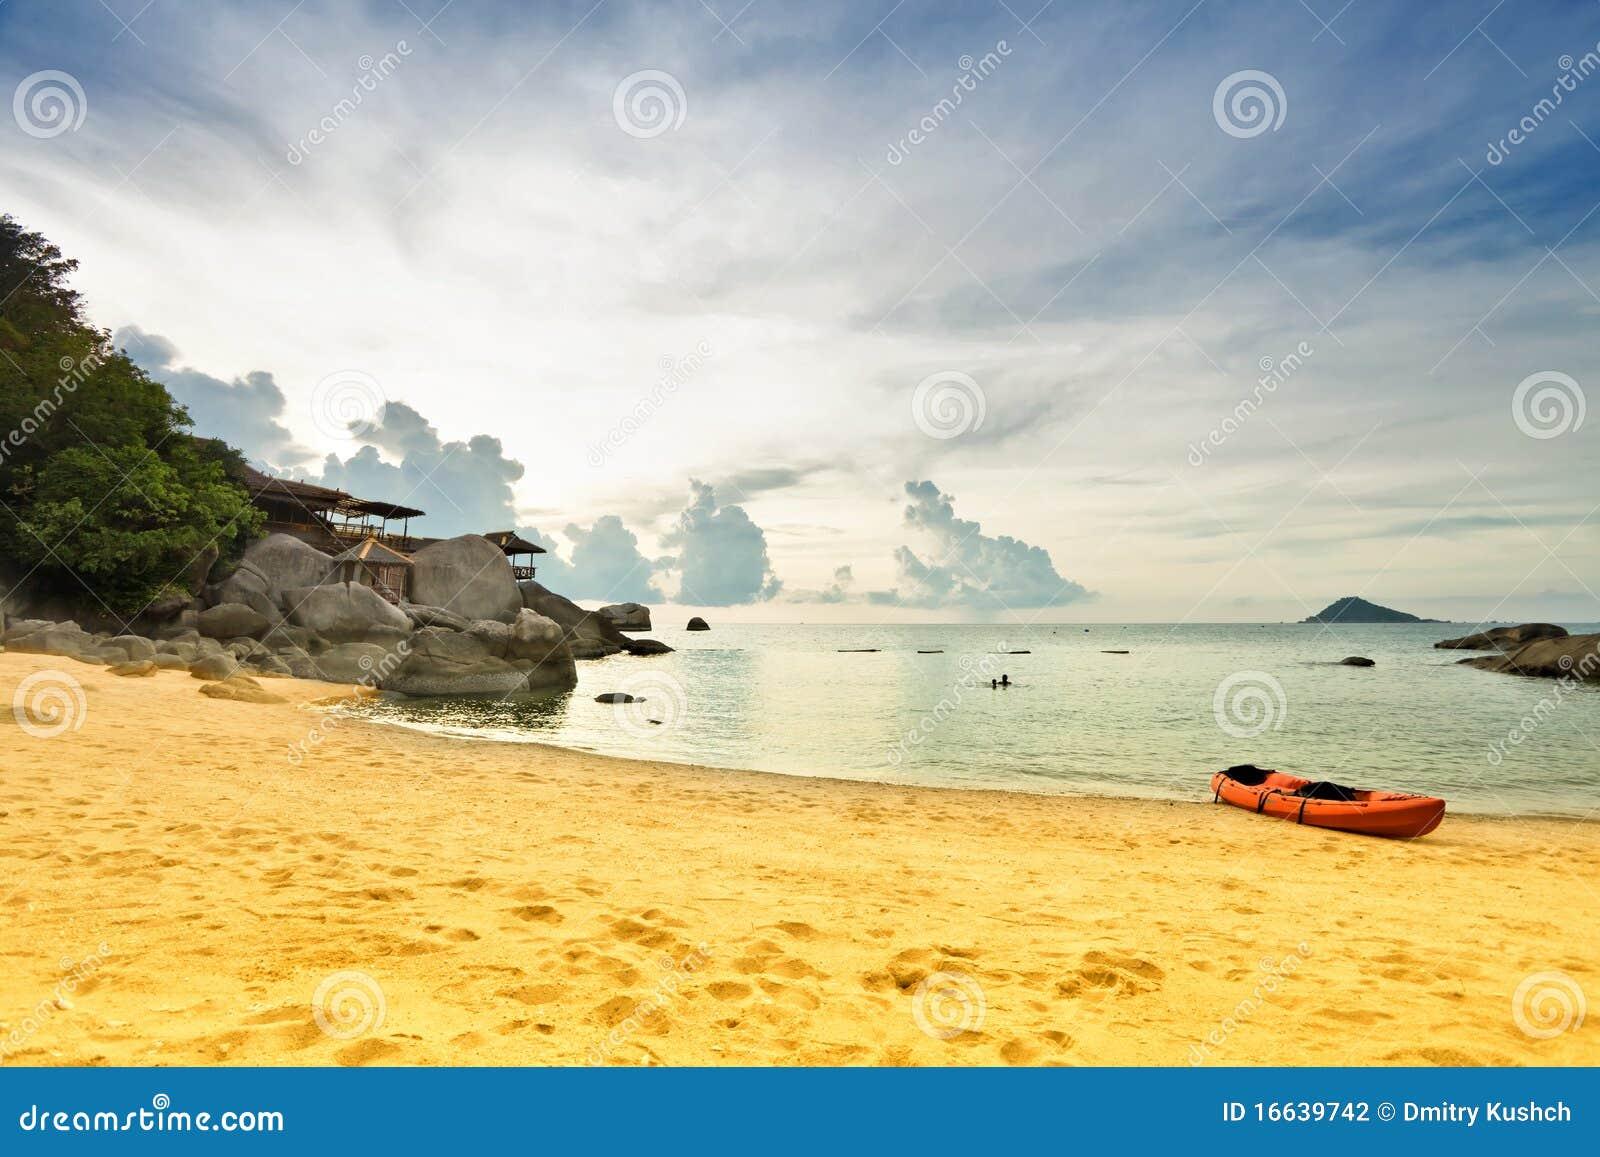 Auf dem tropischen Strand